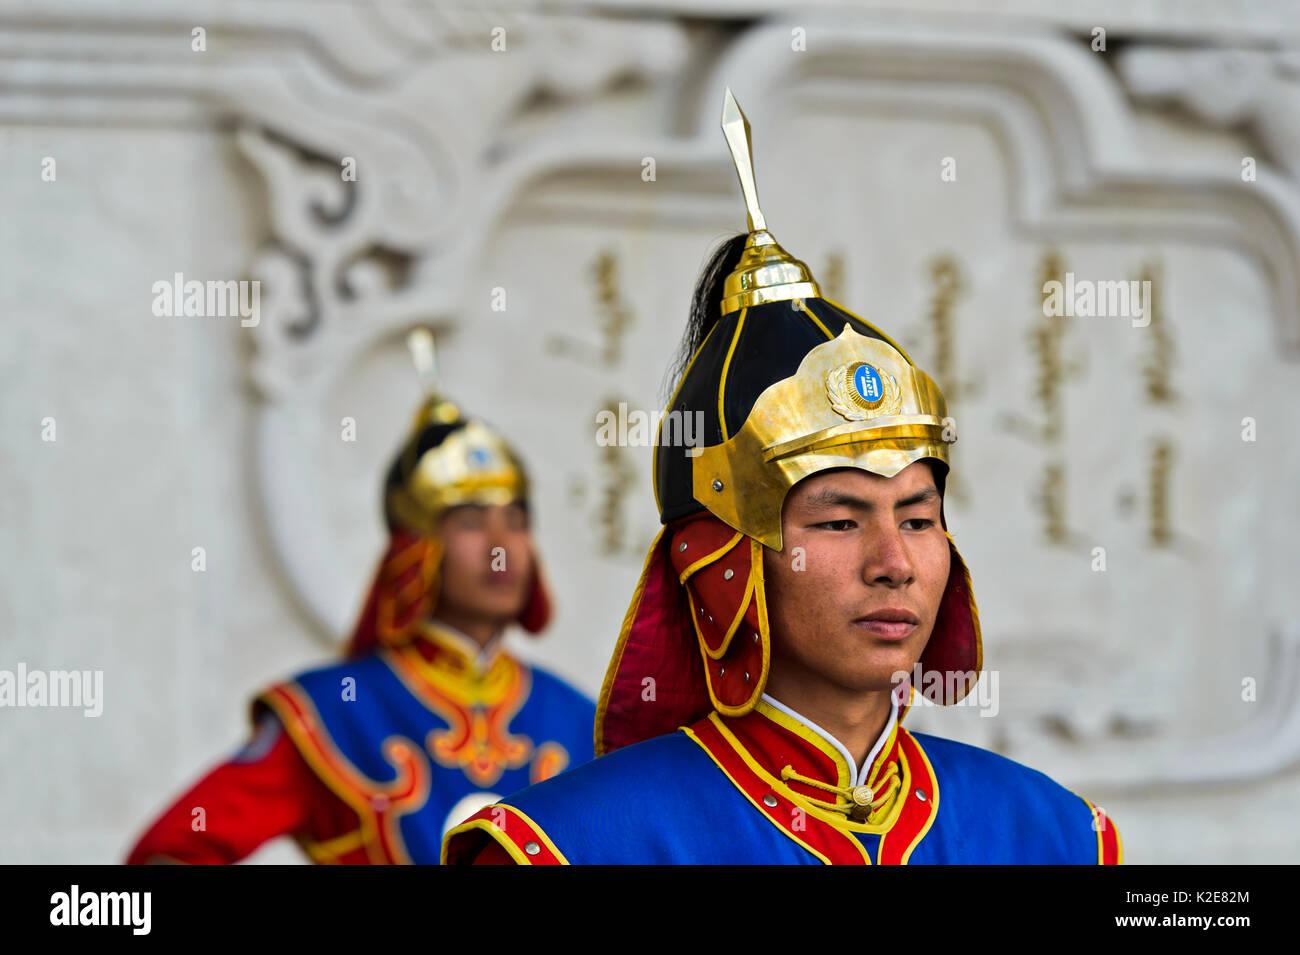 Gardien de la forces armées mongoles en uniforme traditionnel en face de l'Dschingis-Khan monument au Parlement européen Photo Stock